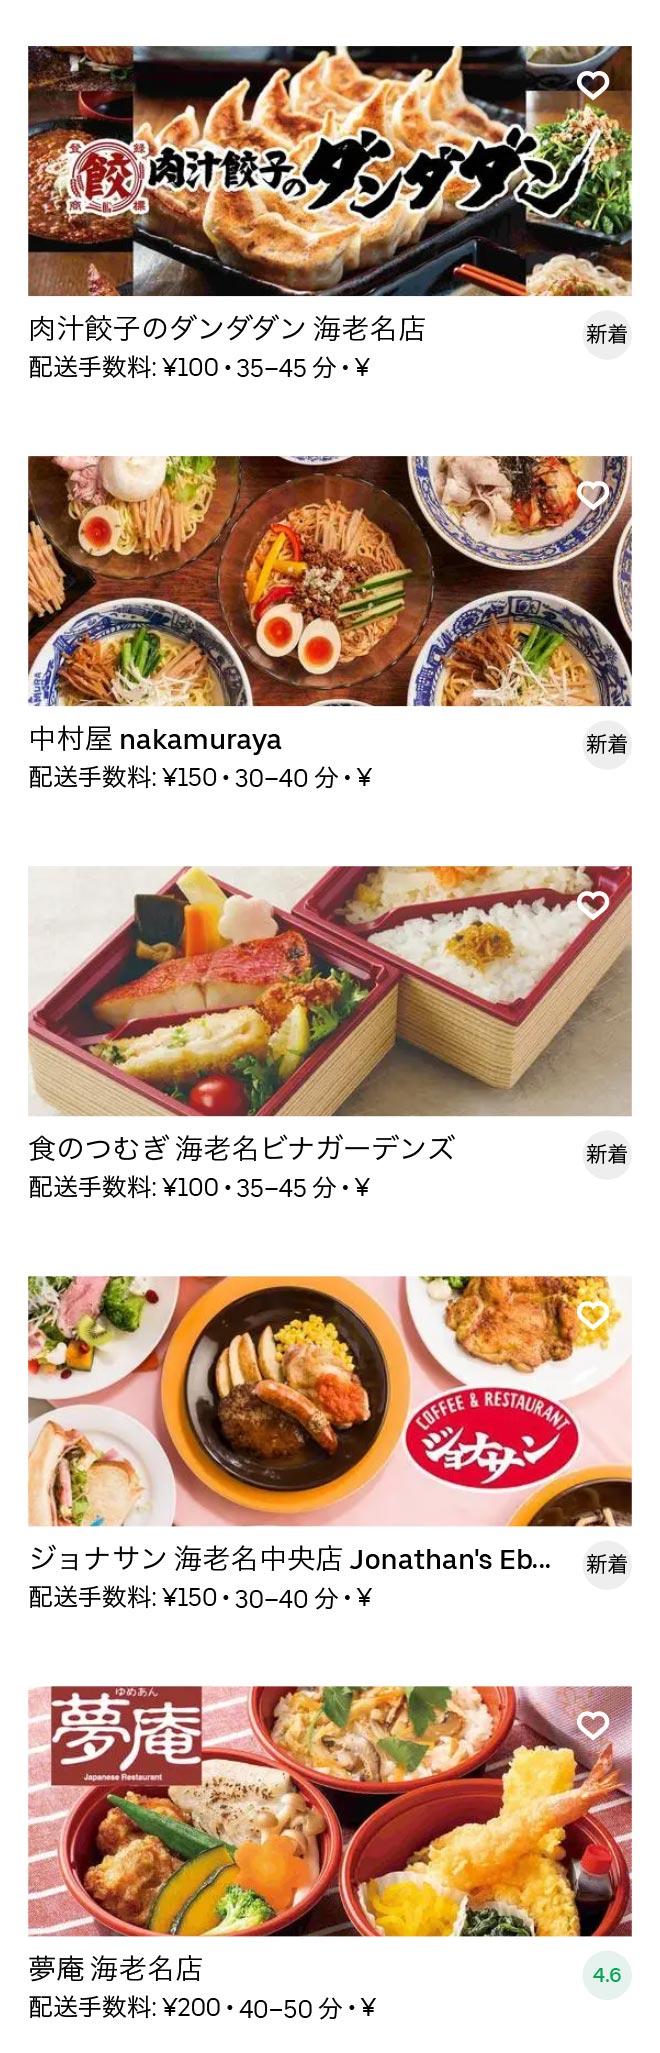 Ebina menu 2010 10